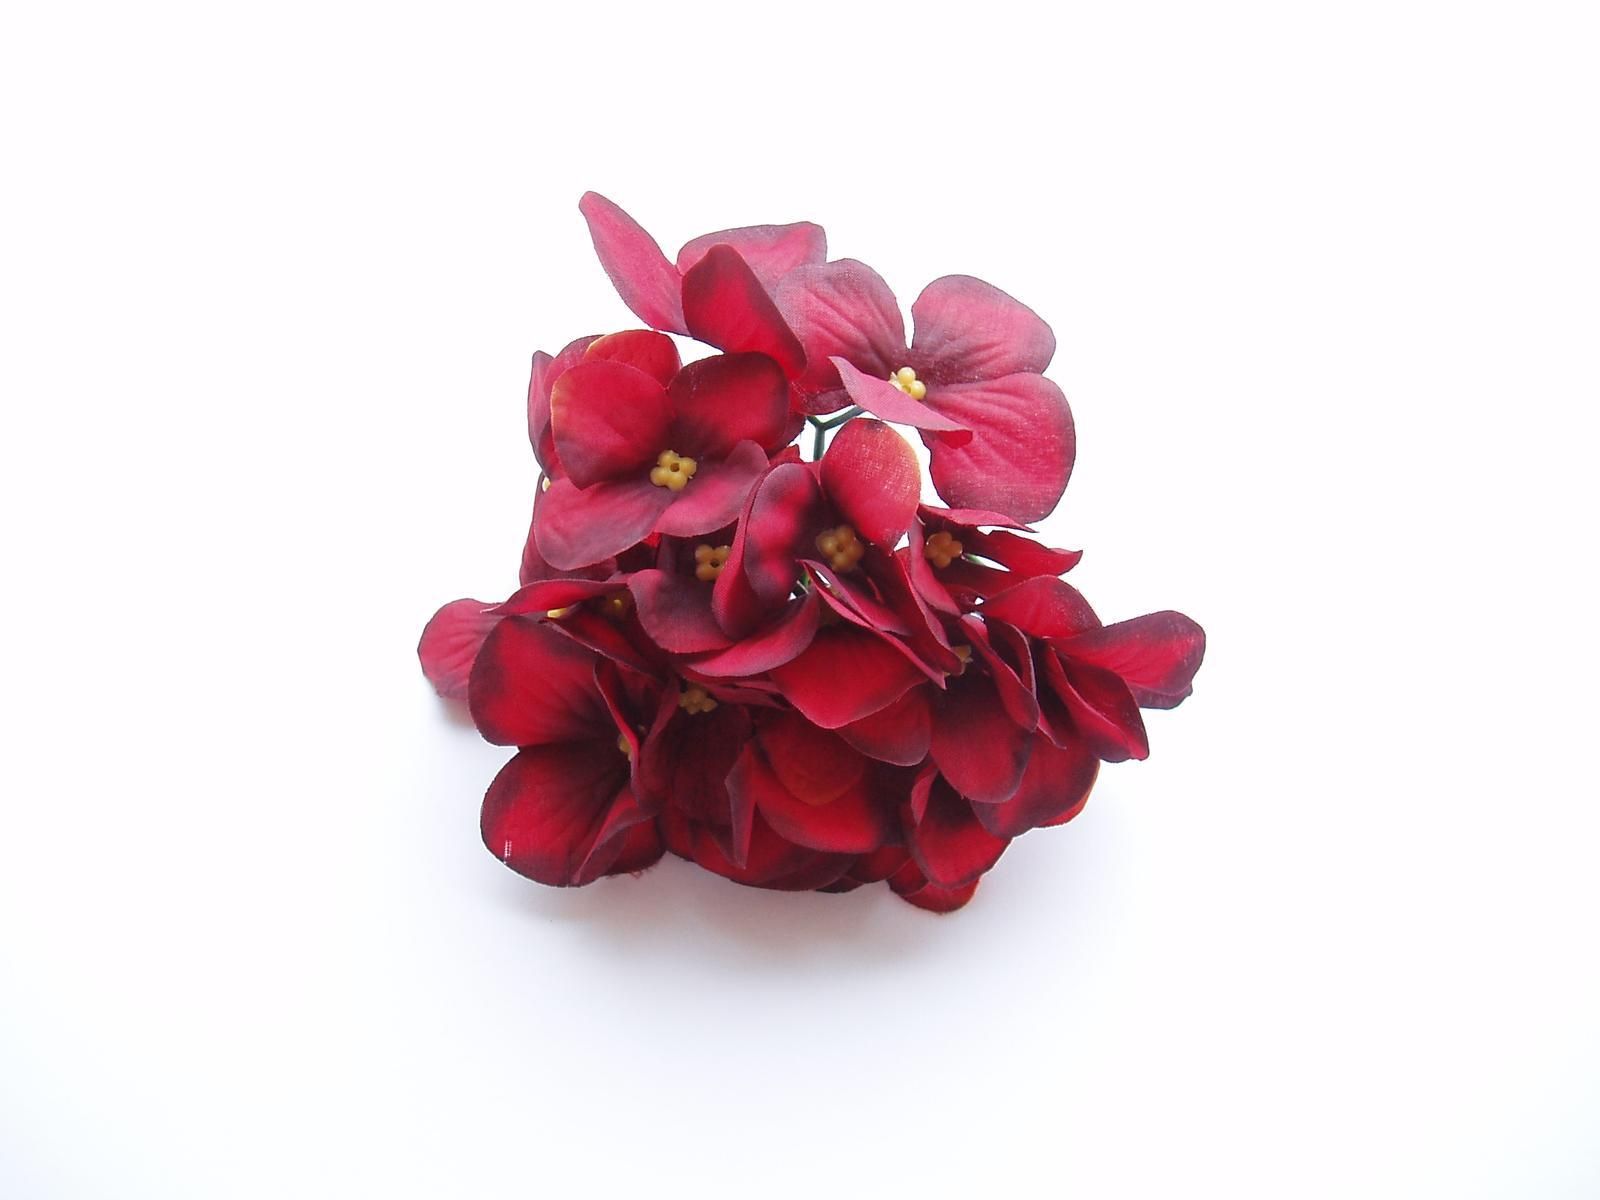 květ hortenzie-tmavě červený - Obrázek č. 1